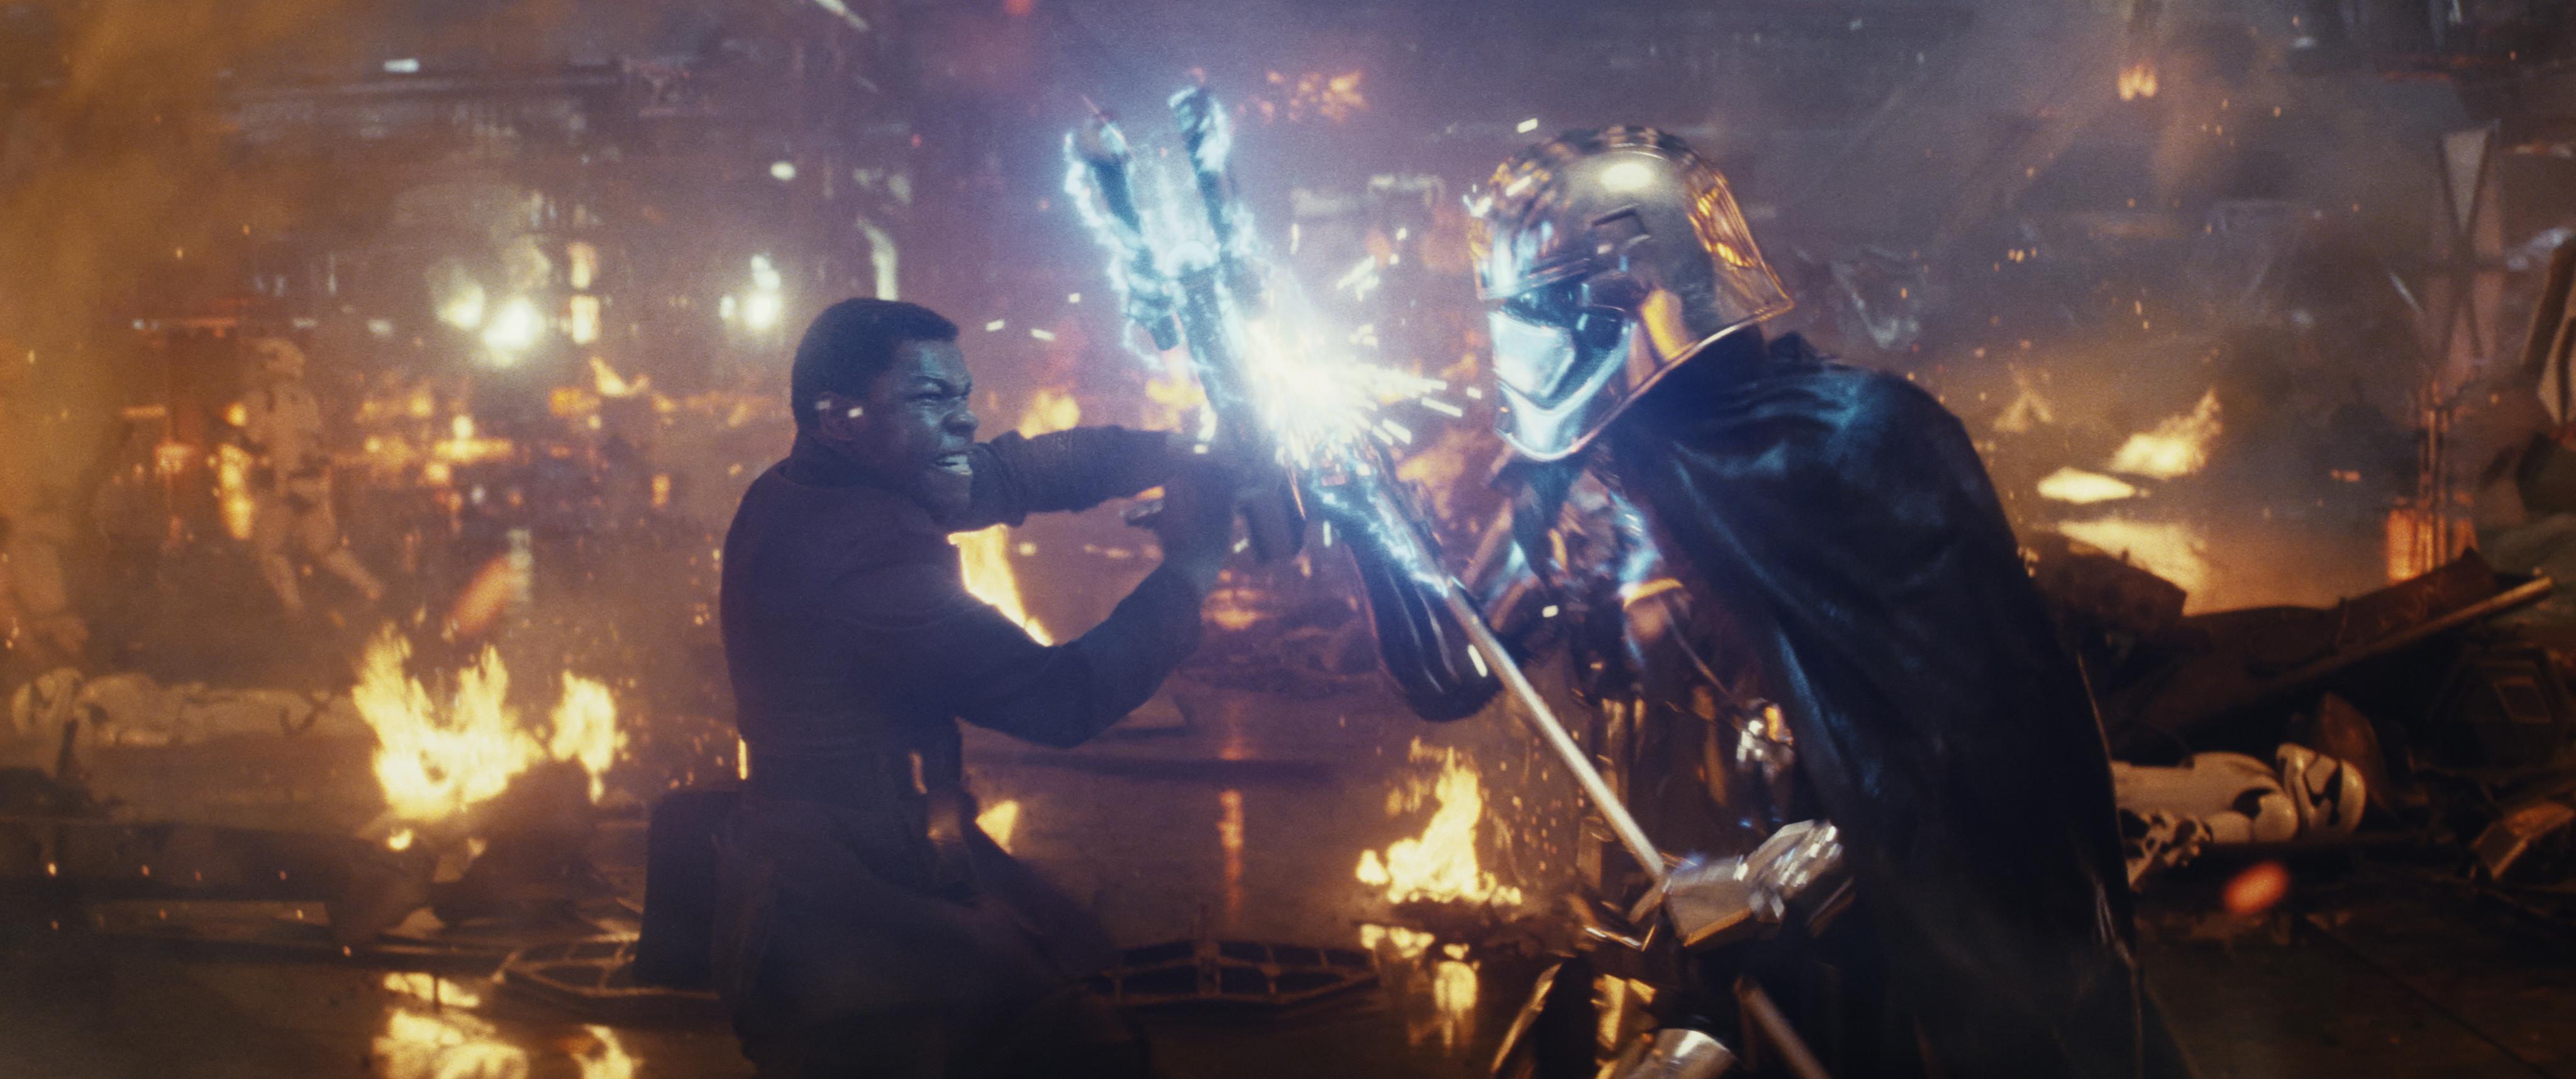 Звёздные войны. Эпизод VIII Последние джедаи (Star Wars. Episode VIII The Last Jedi) 2